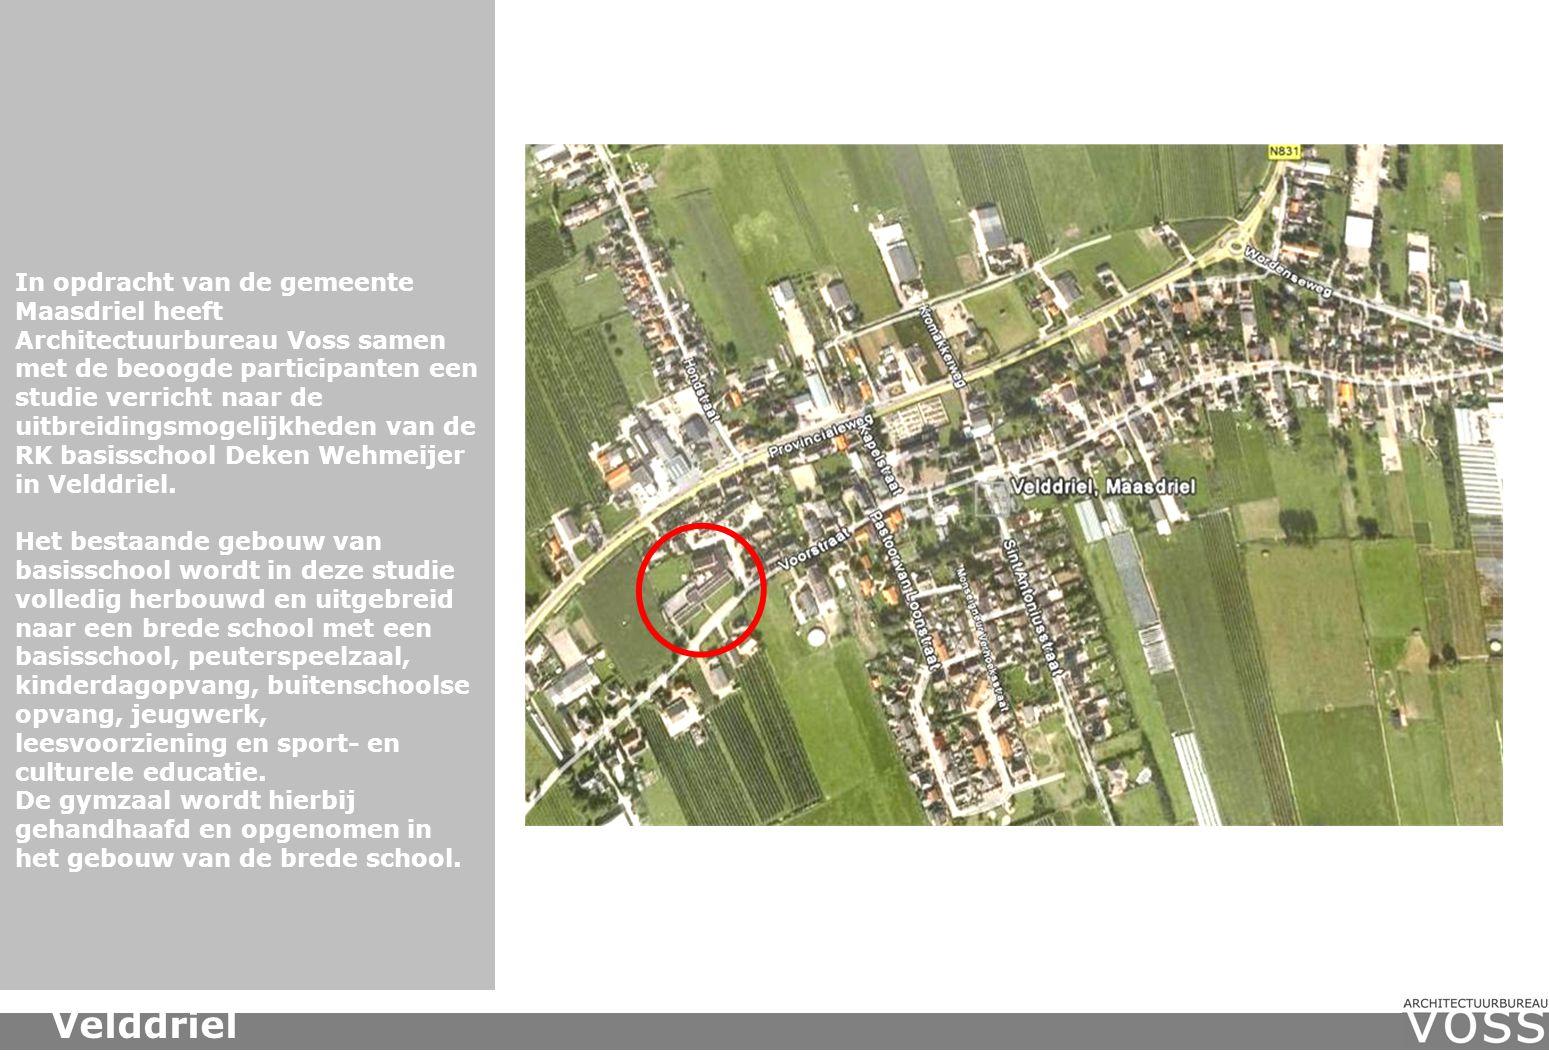 Velddriel In opdracht van de gemeente Maasdriel heeft Architectuurbureau Voss samen met de beoogde participanten een studie verricht naar de uitbreidingsmogelijkheden van de RK basisschool Deken Wehmeijer in Velddriel.